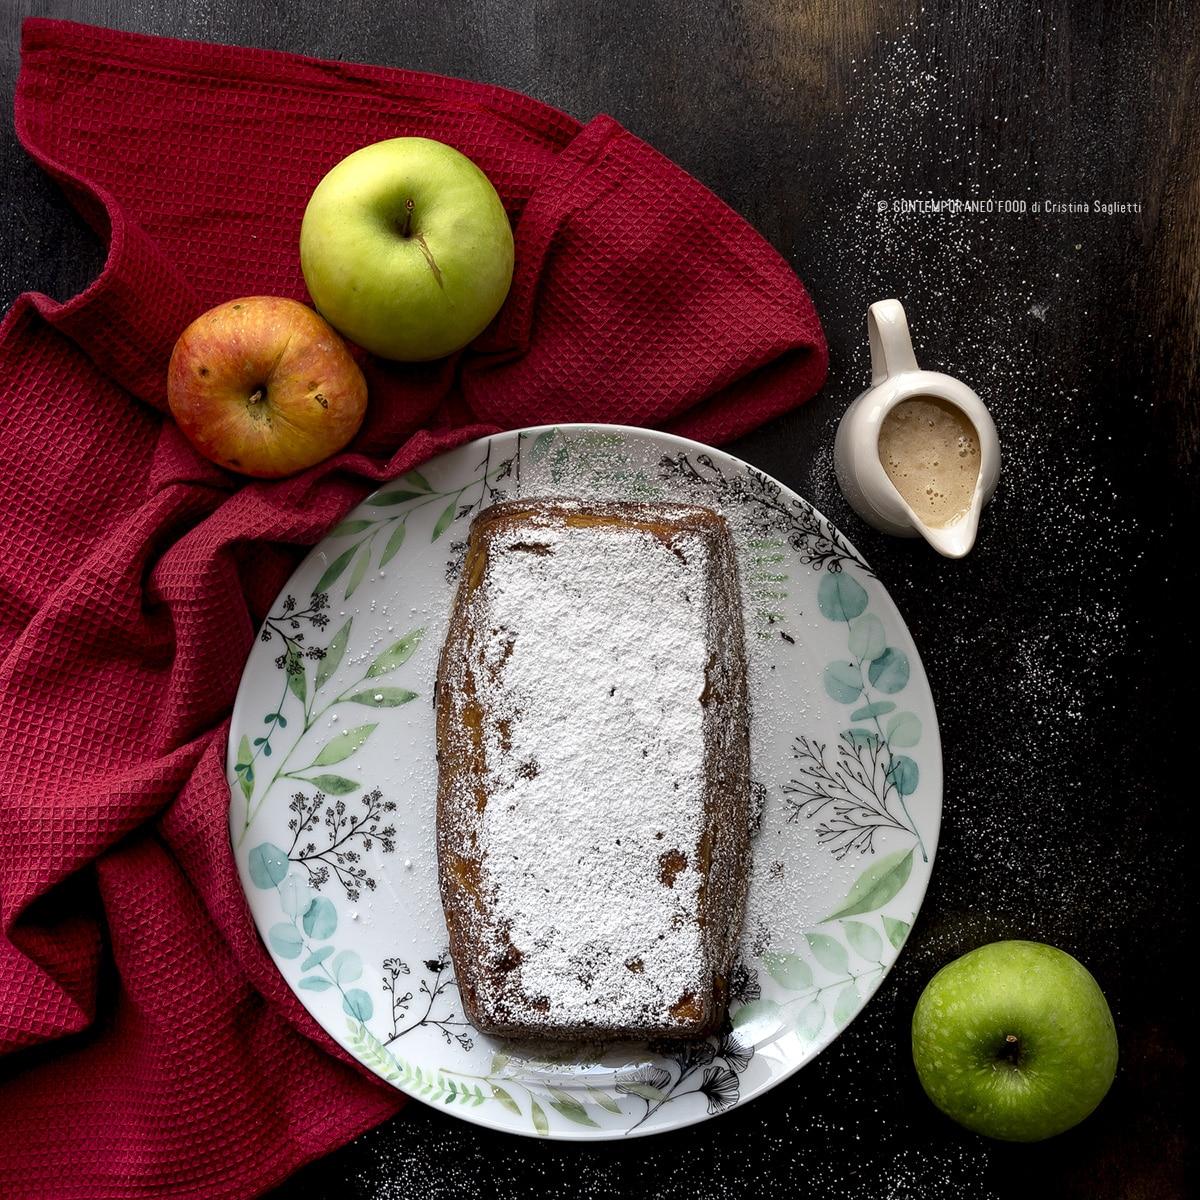 torta-alle-mele-invisibile-cognac-salsa-di-caramello-salato-dolce-facile-ricetta-contemporaneo-food